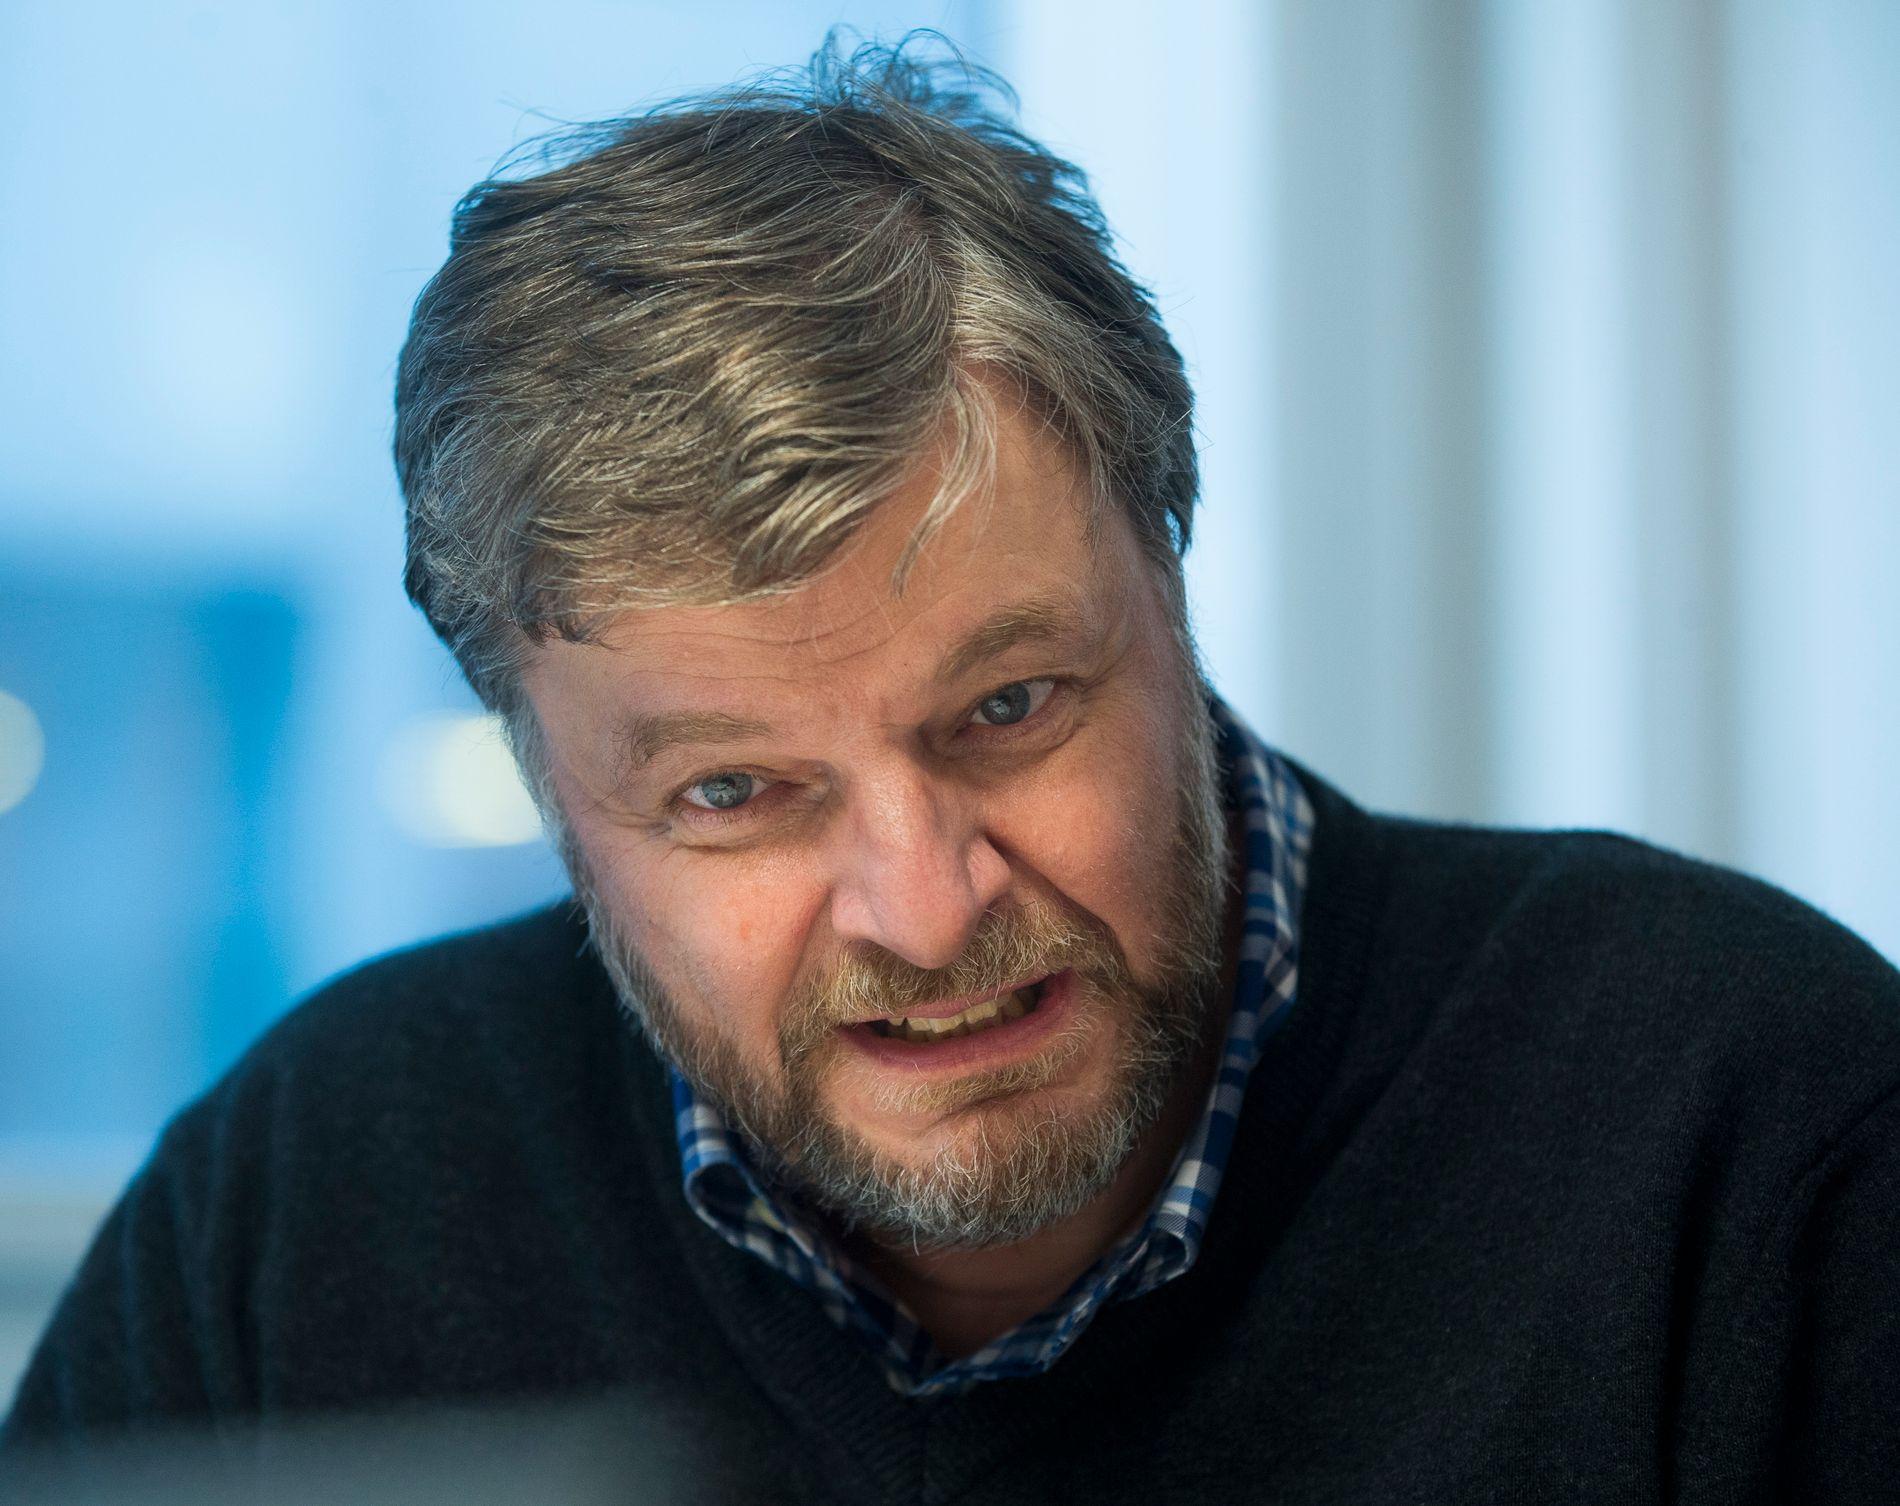 DIREKTØR OG LEGE: Steinar Madsen er lege og medisinsk fagdirektør i Statens legemiddelverk.